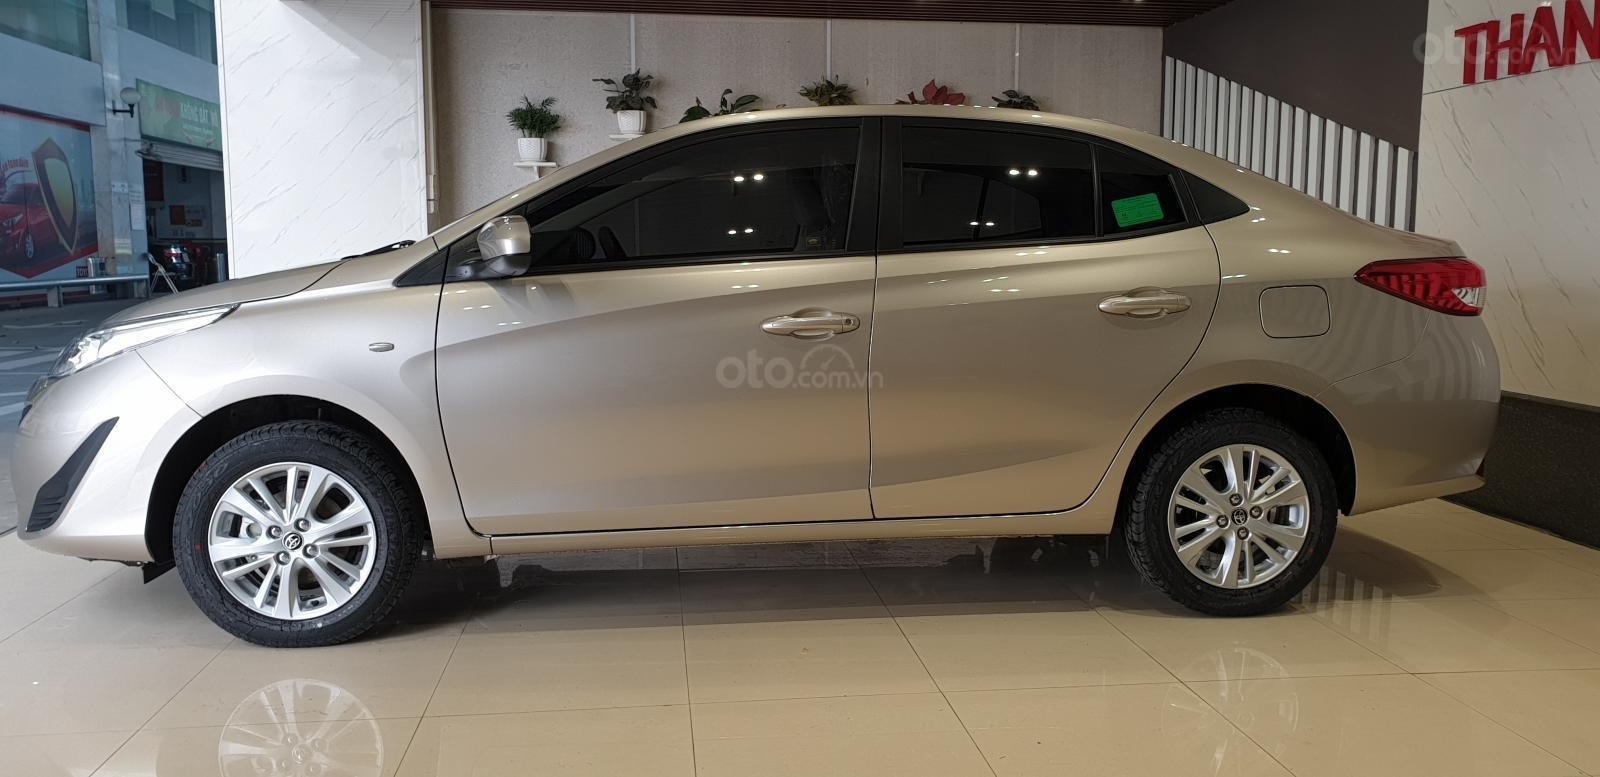 Toyota Vios 1.5E số sàn giao ngay, chiết khấu tiền mặt, tặng gói phụ kiện chính hãng, hỗ trợ mua trả góp 85% giá trị xe-2